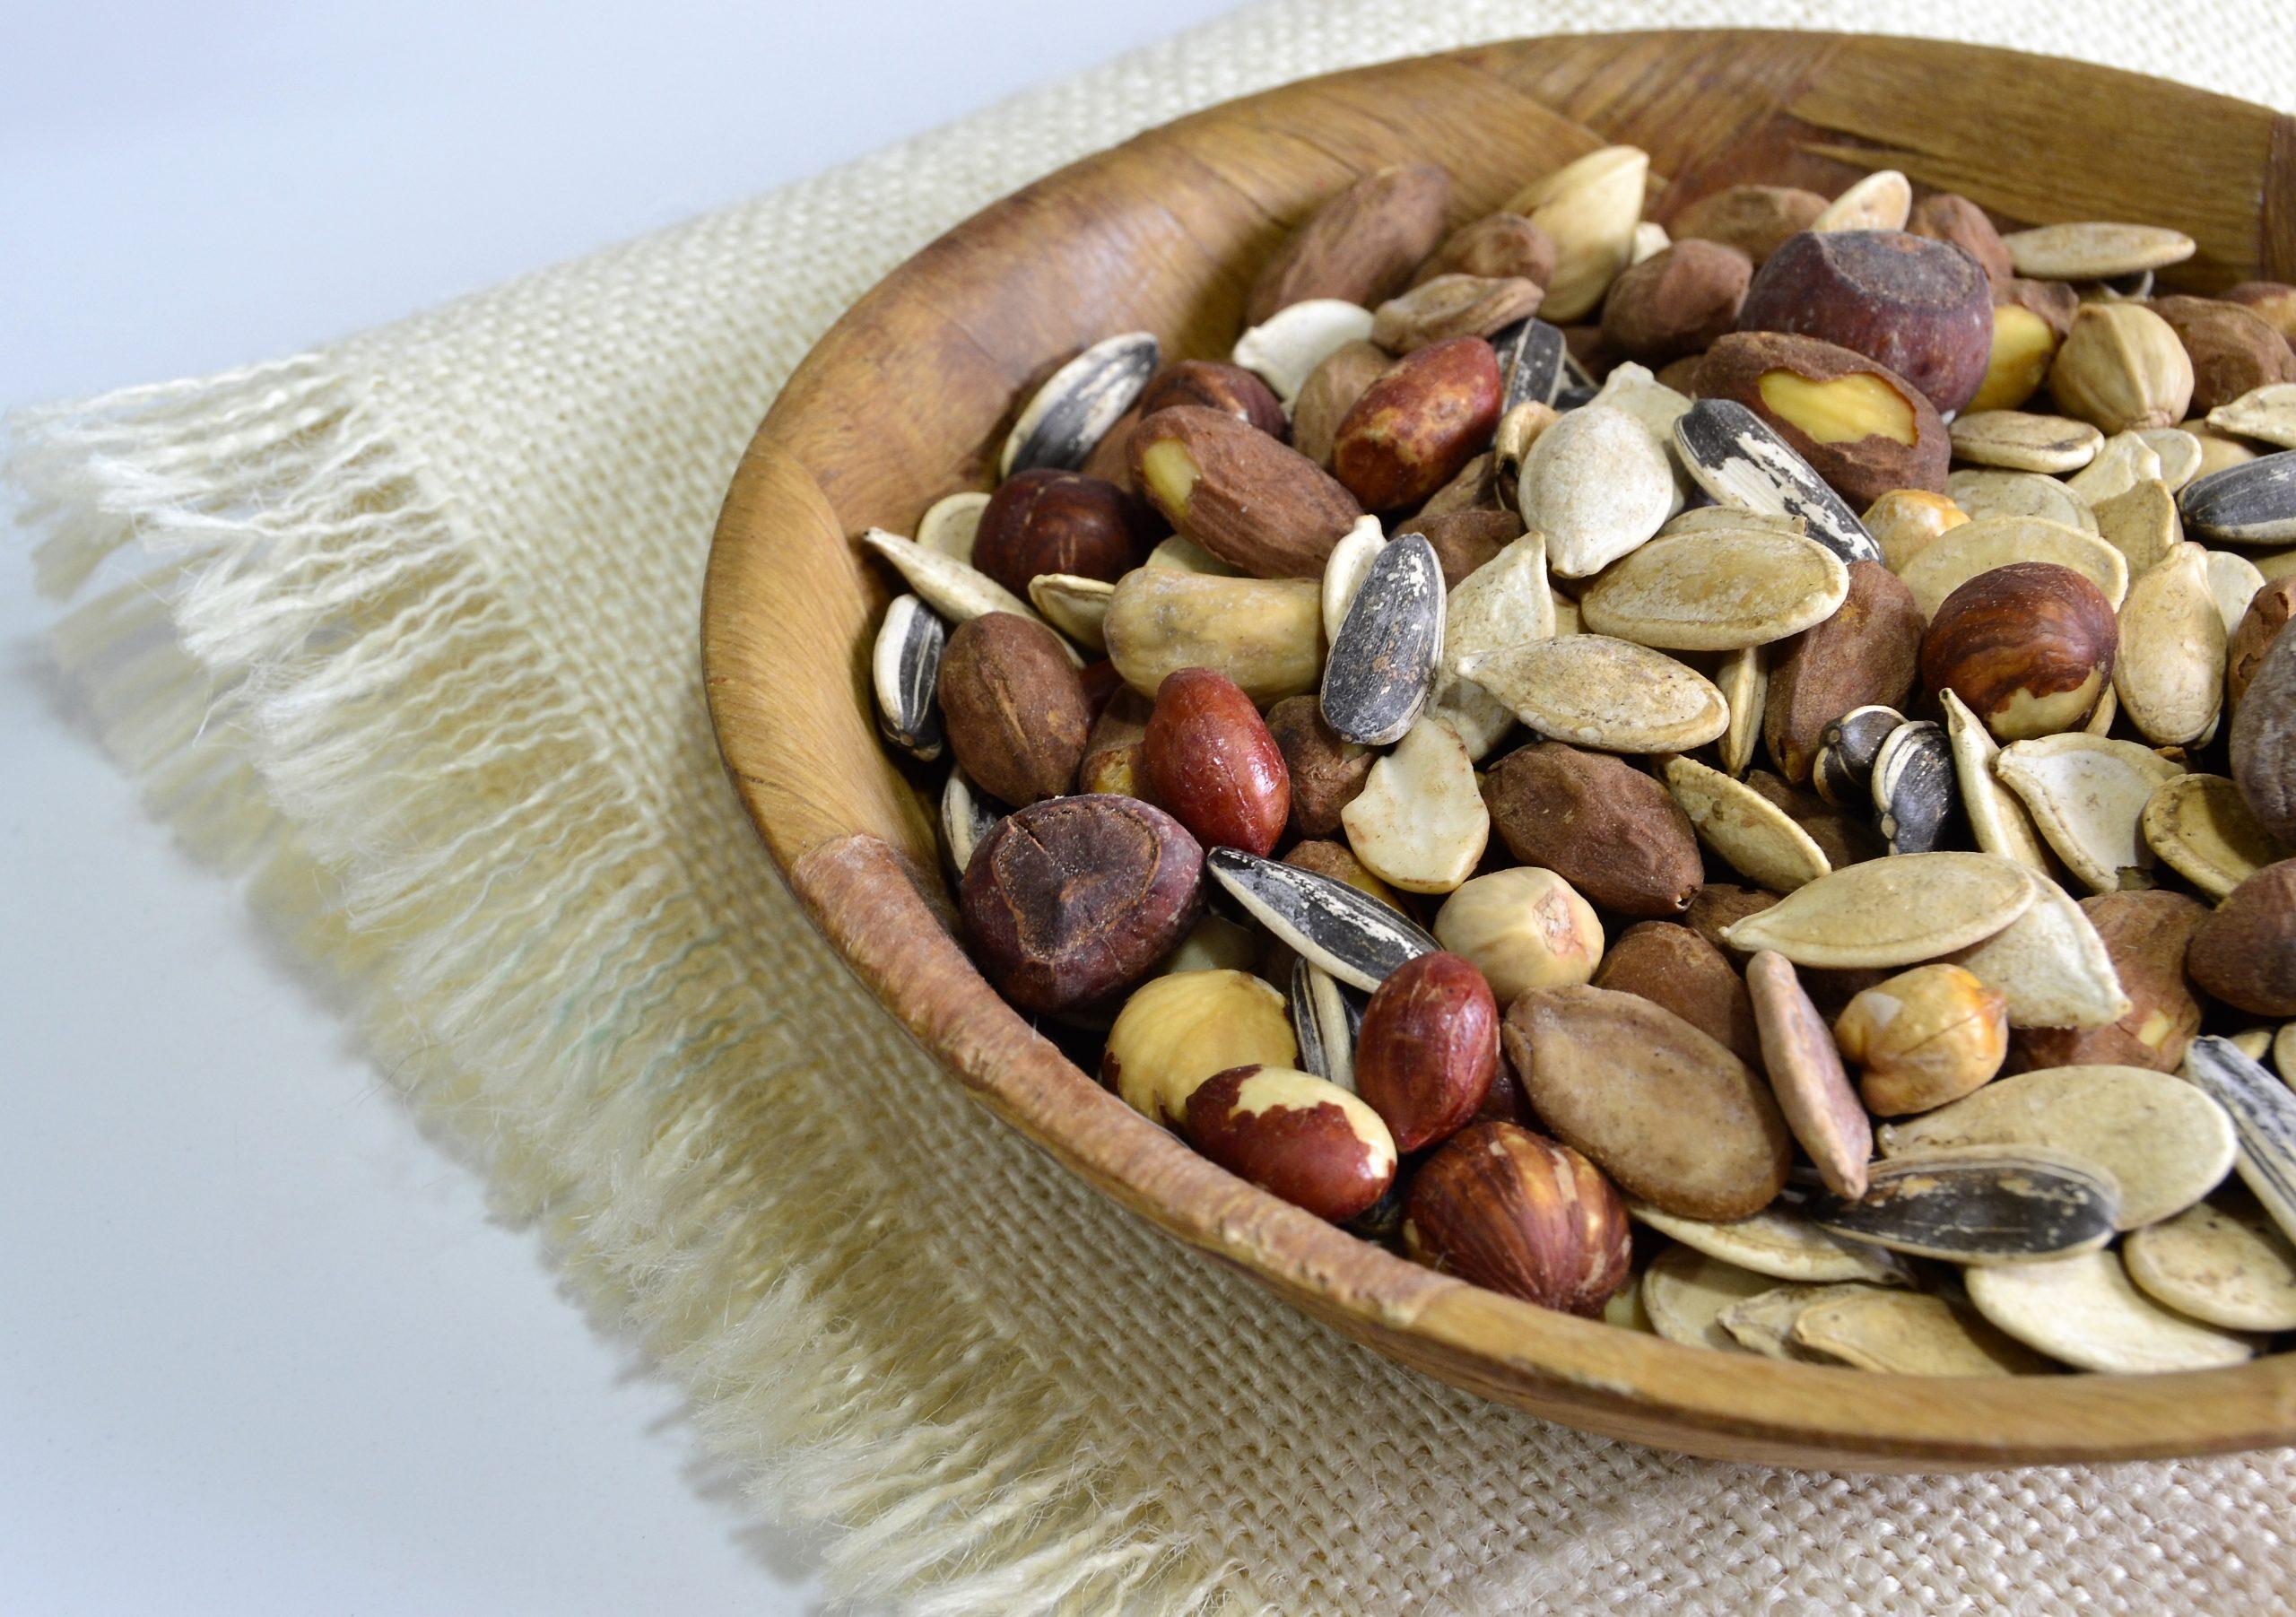 Διατροφή: Οι ξηροί καρποί ωφελούν την υγεία